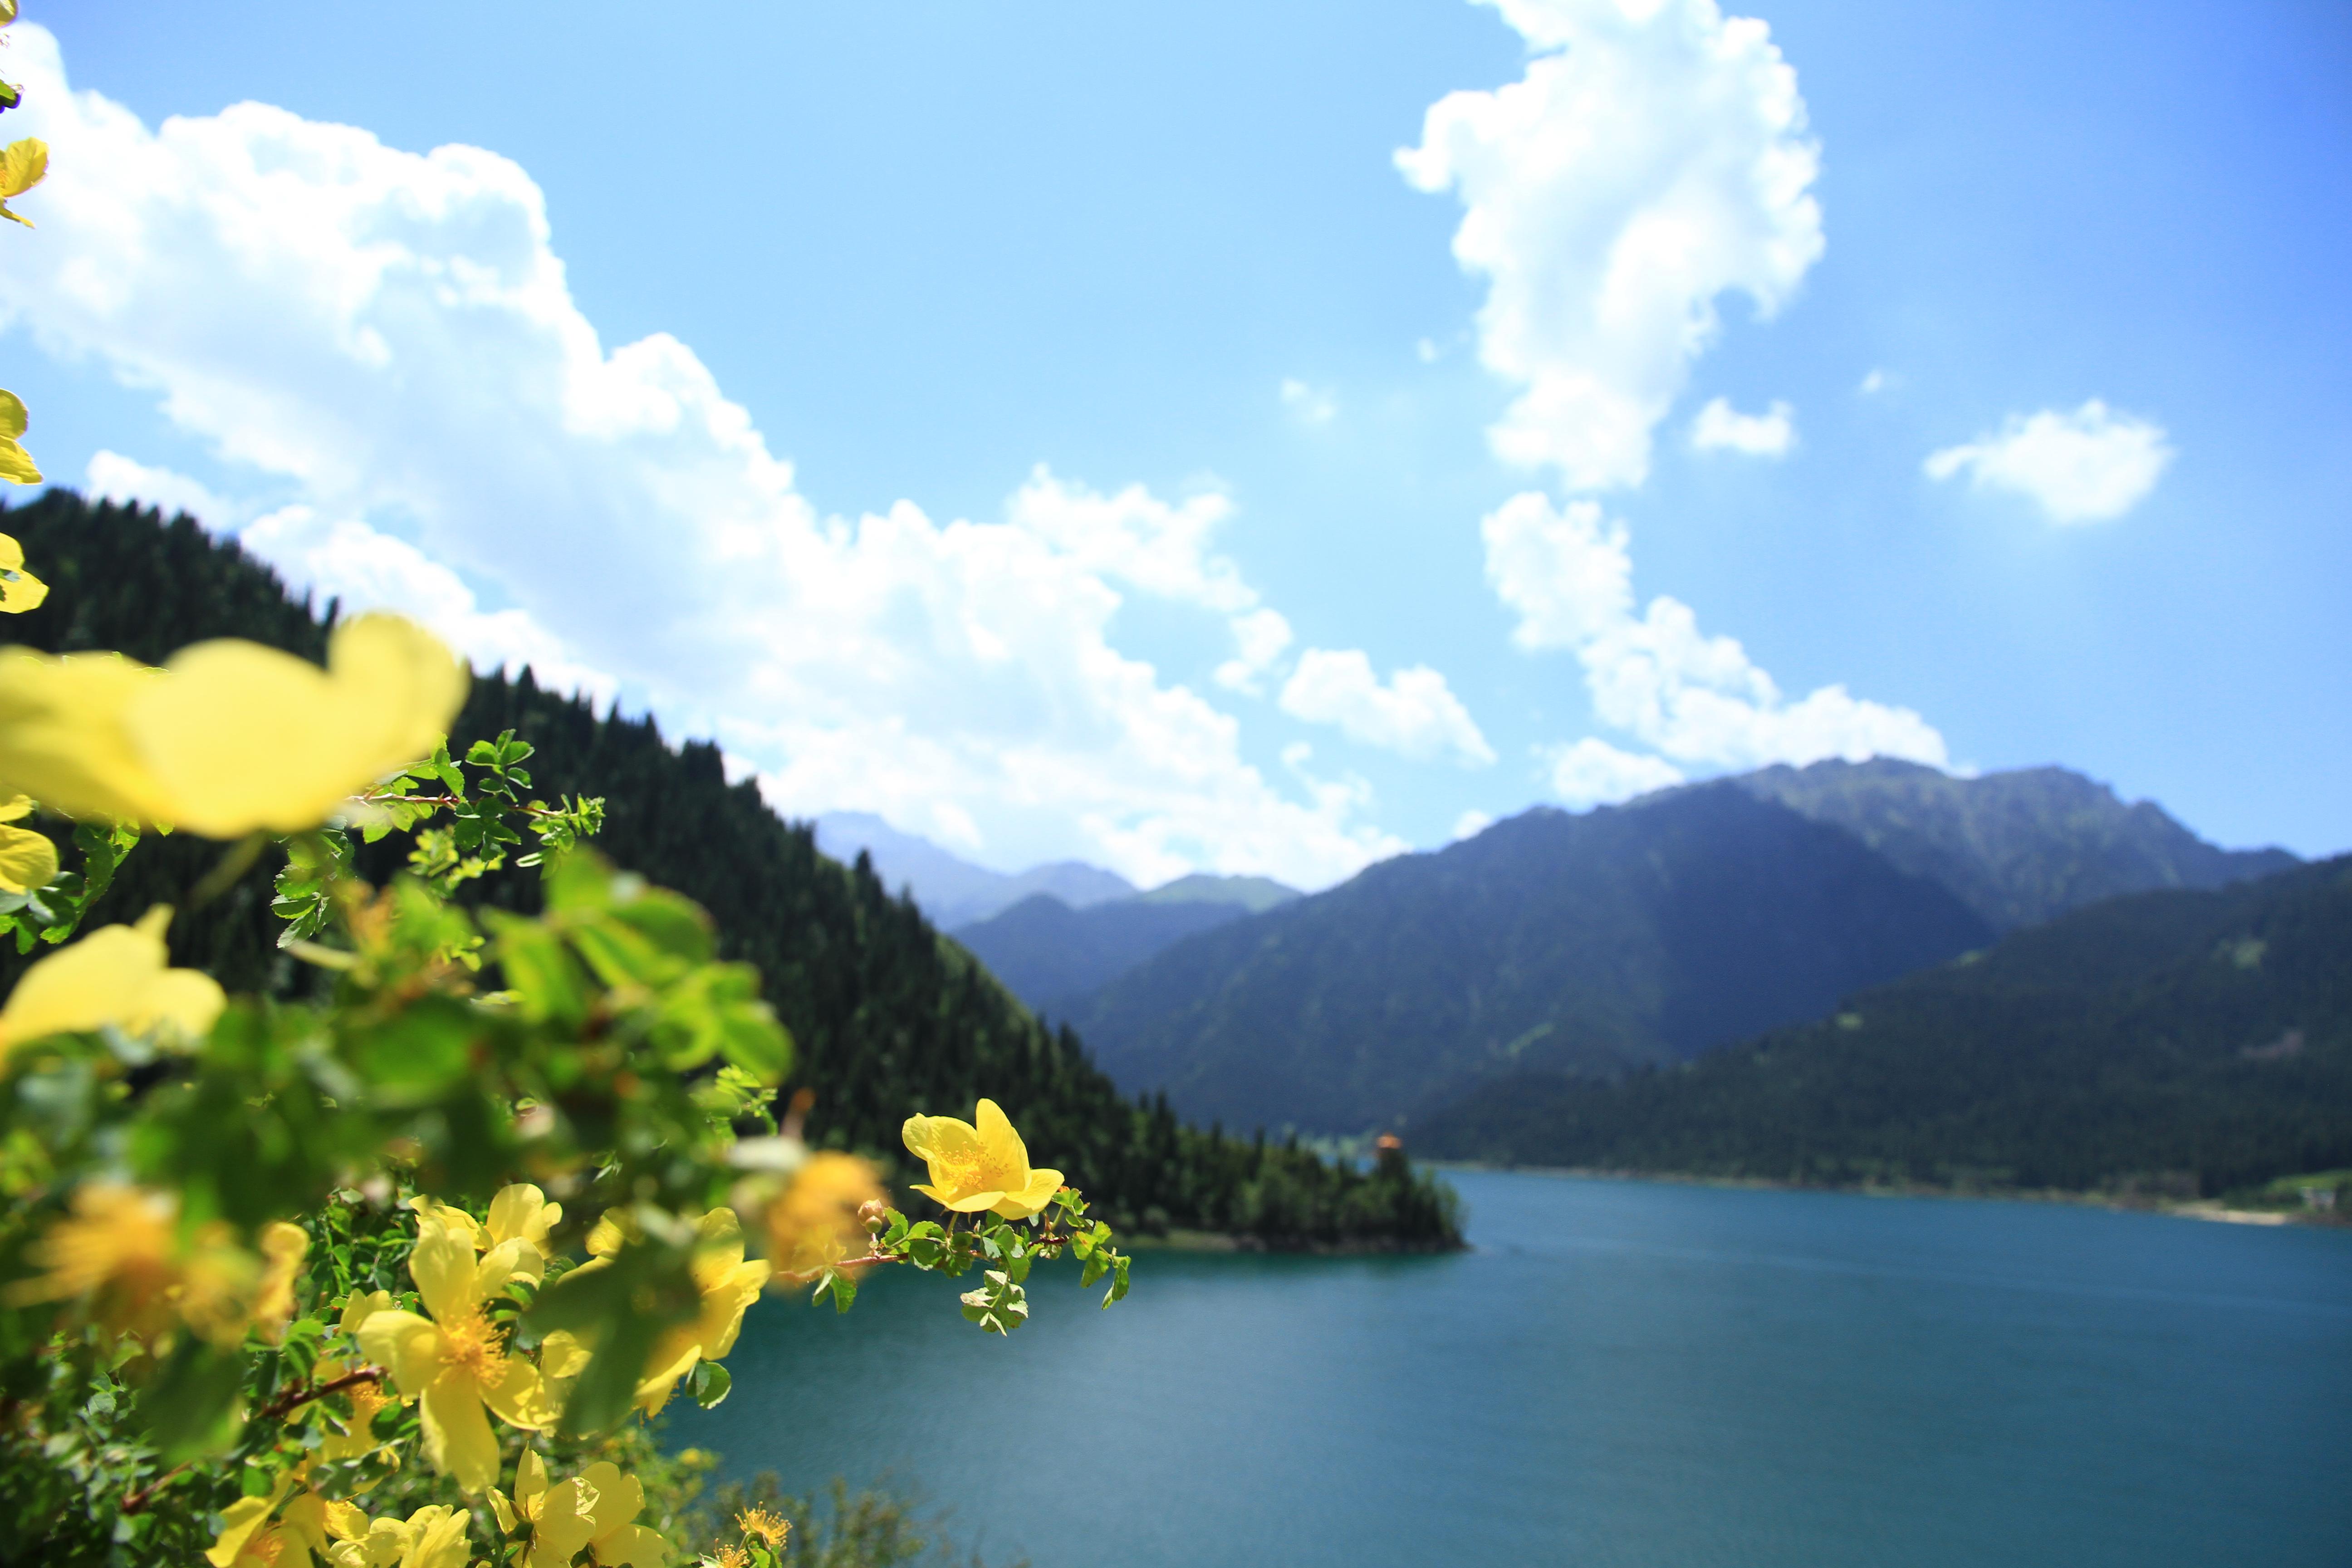 2、天山天池景色。今年七月上旬到北疆旅游。参加了旅行团天池一日游,乘动车到吐鲁番自由行,自驾了独库公路等。新疆之行美、美、美